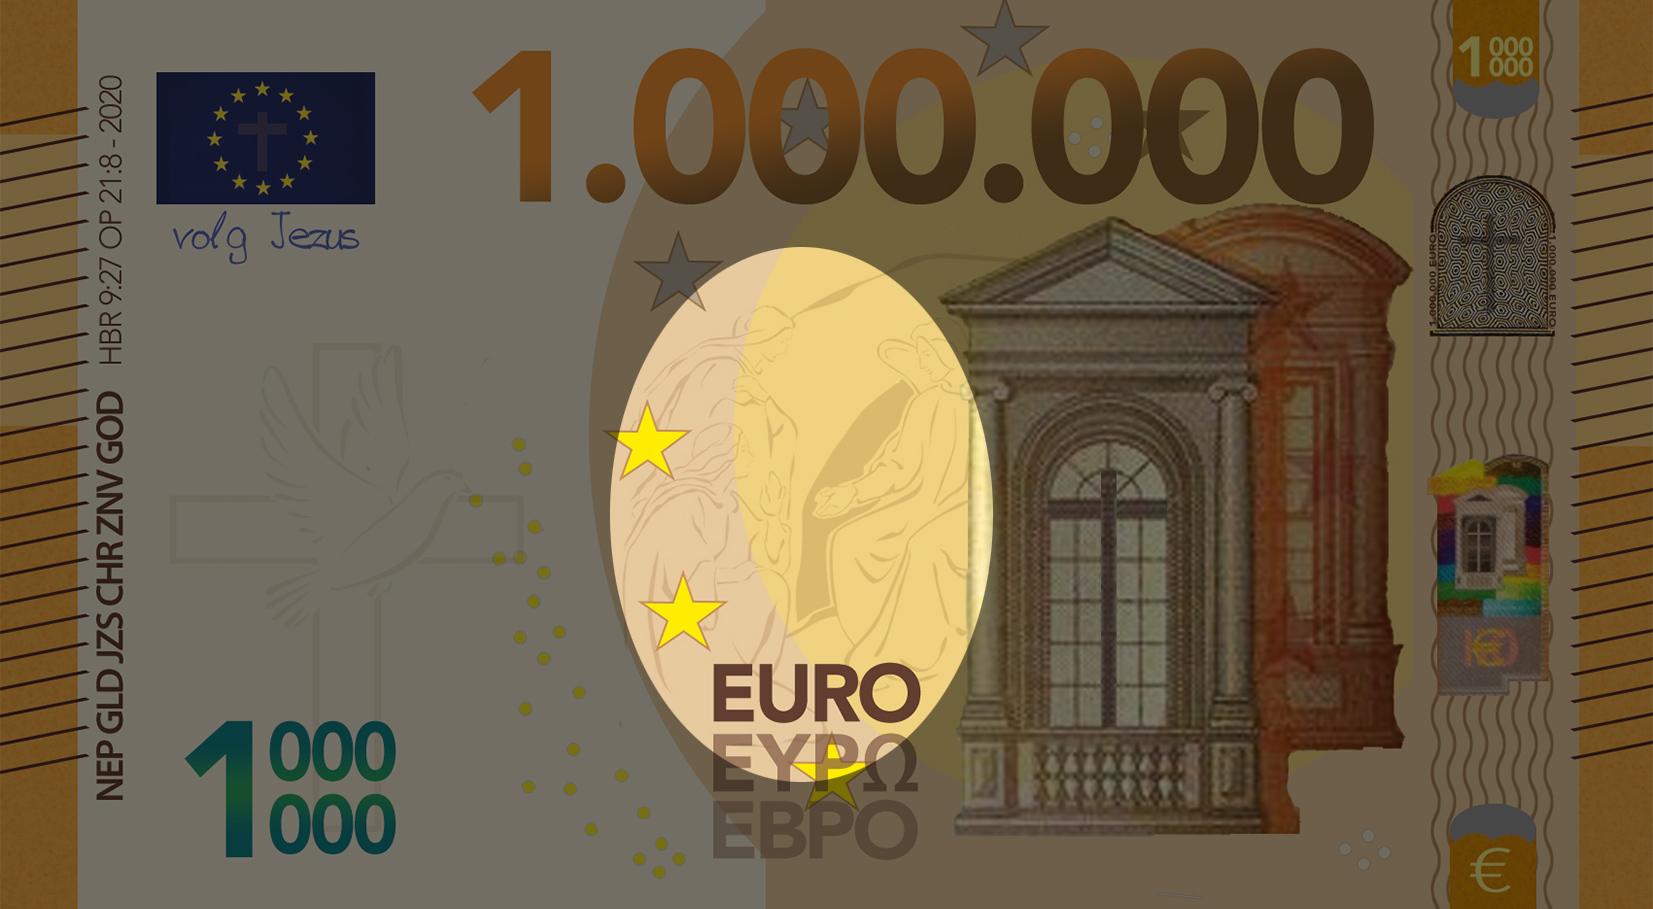 Miljoen Euro Biljet - 2020 voorkant midden uitgelicht - evangelisatie-materiaal.nl